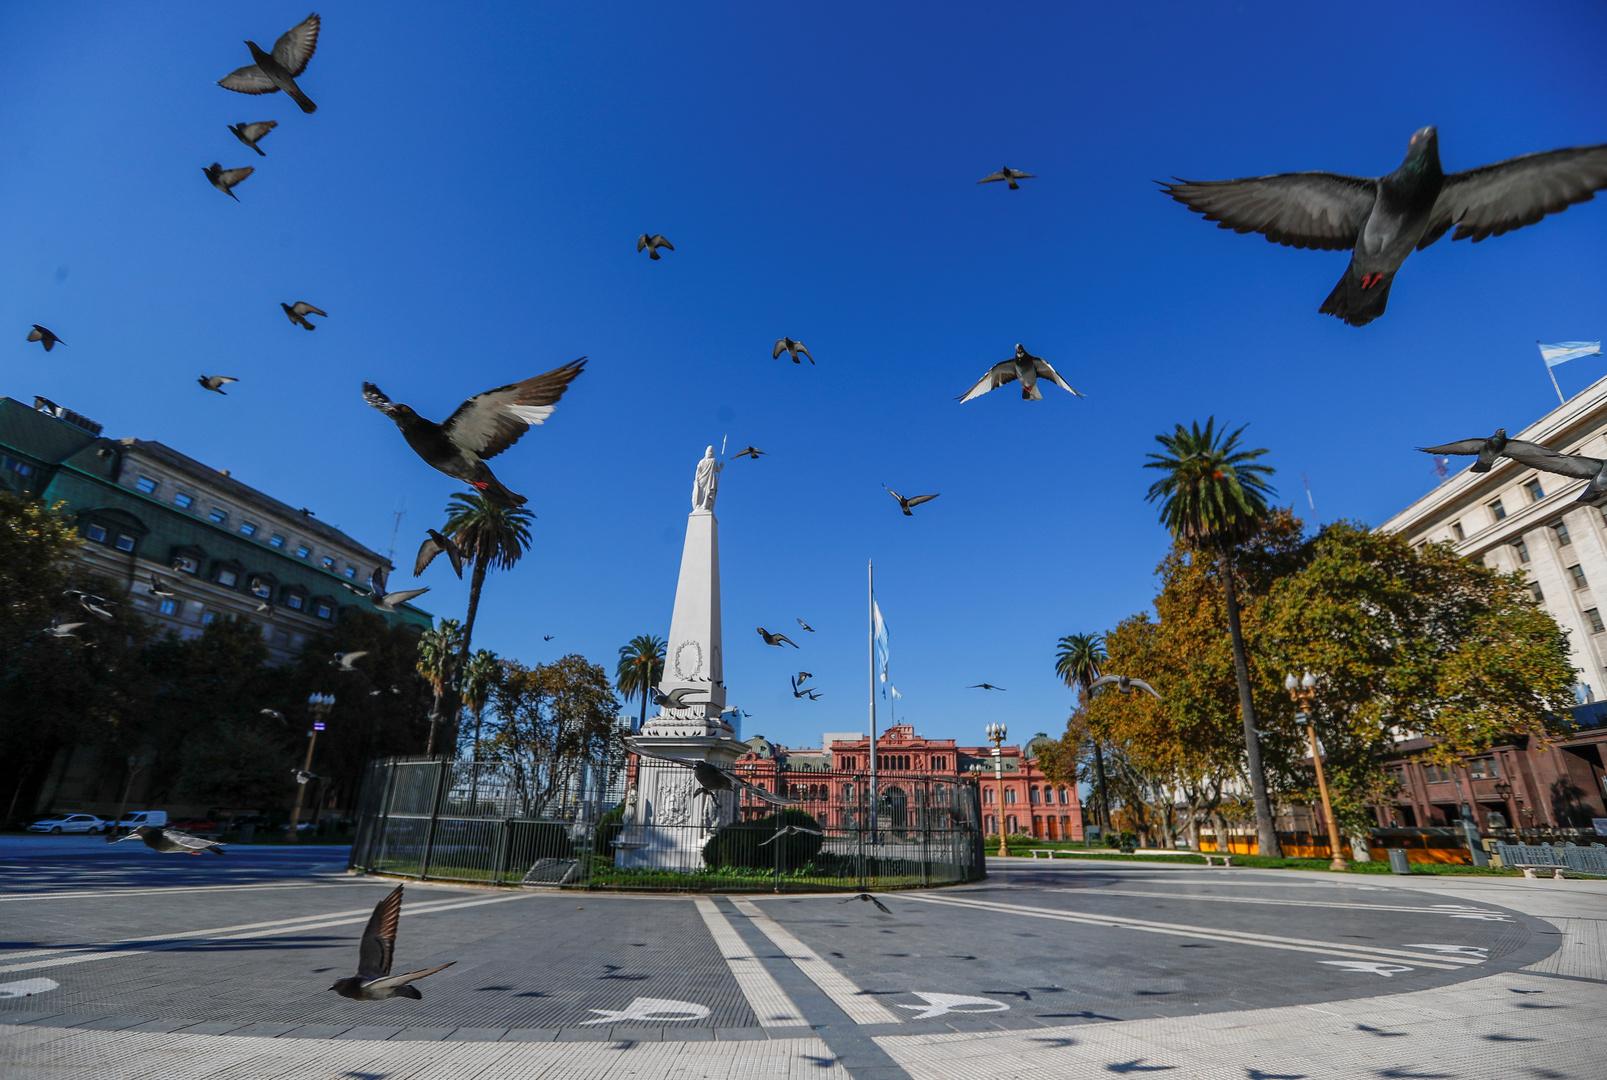 رئيس الأرجنتين: تدابير كورونا باقية حتى تطوير لقاح ضده